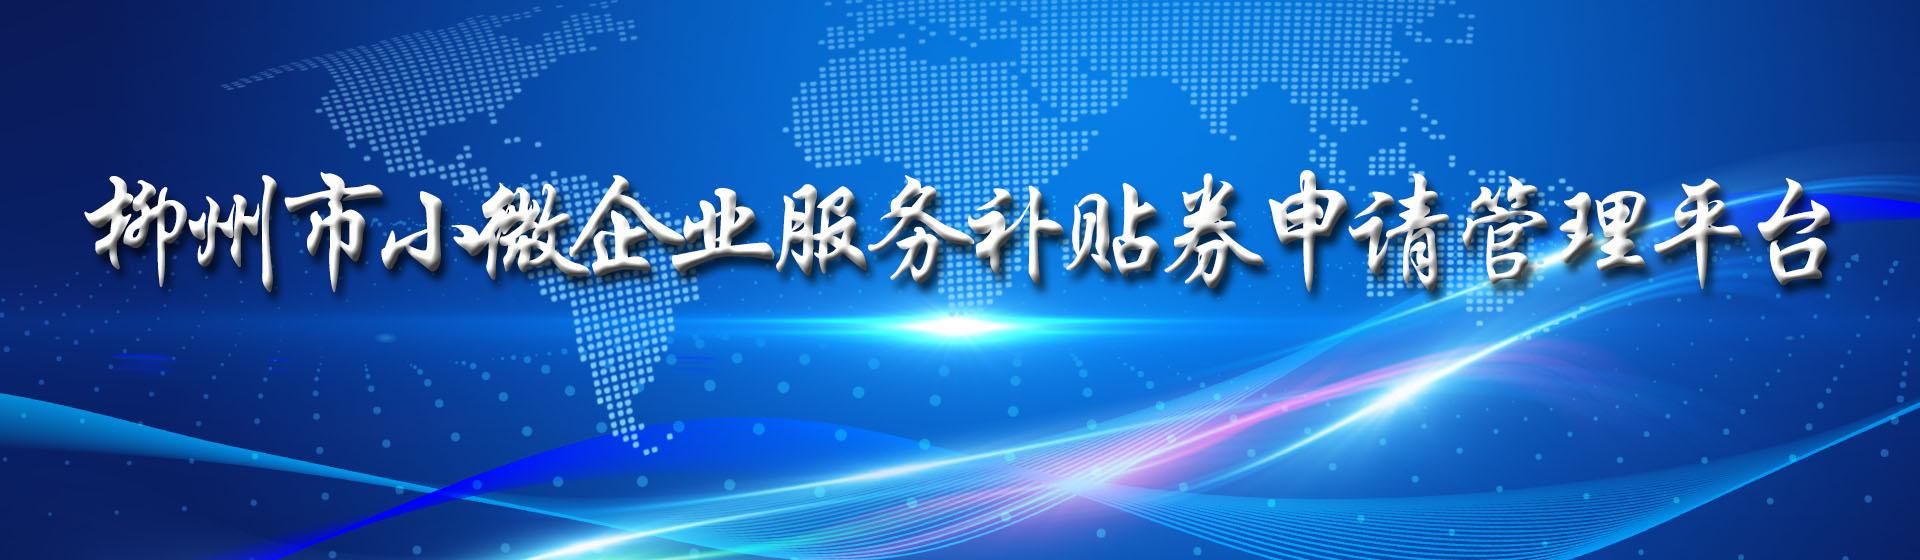 柳州市小微企业服务补贴券申请管理平台